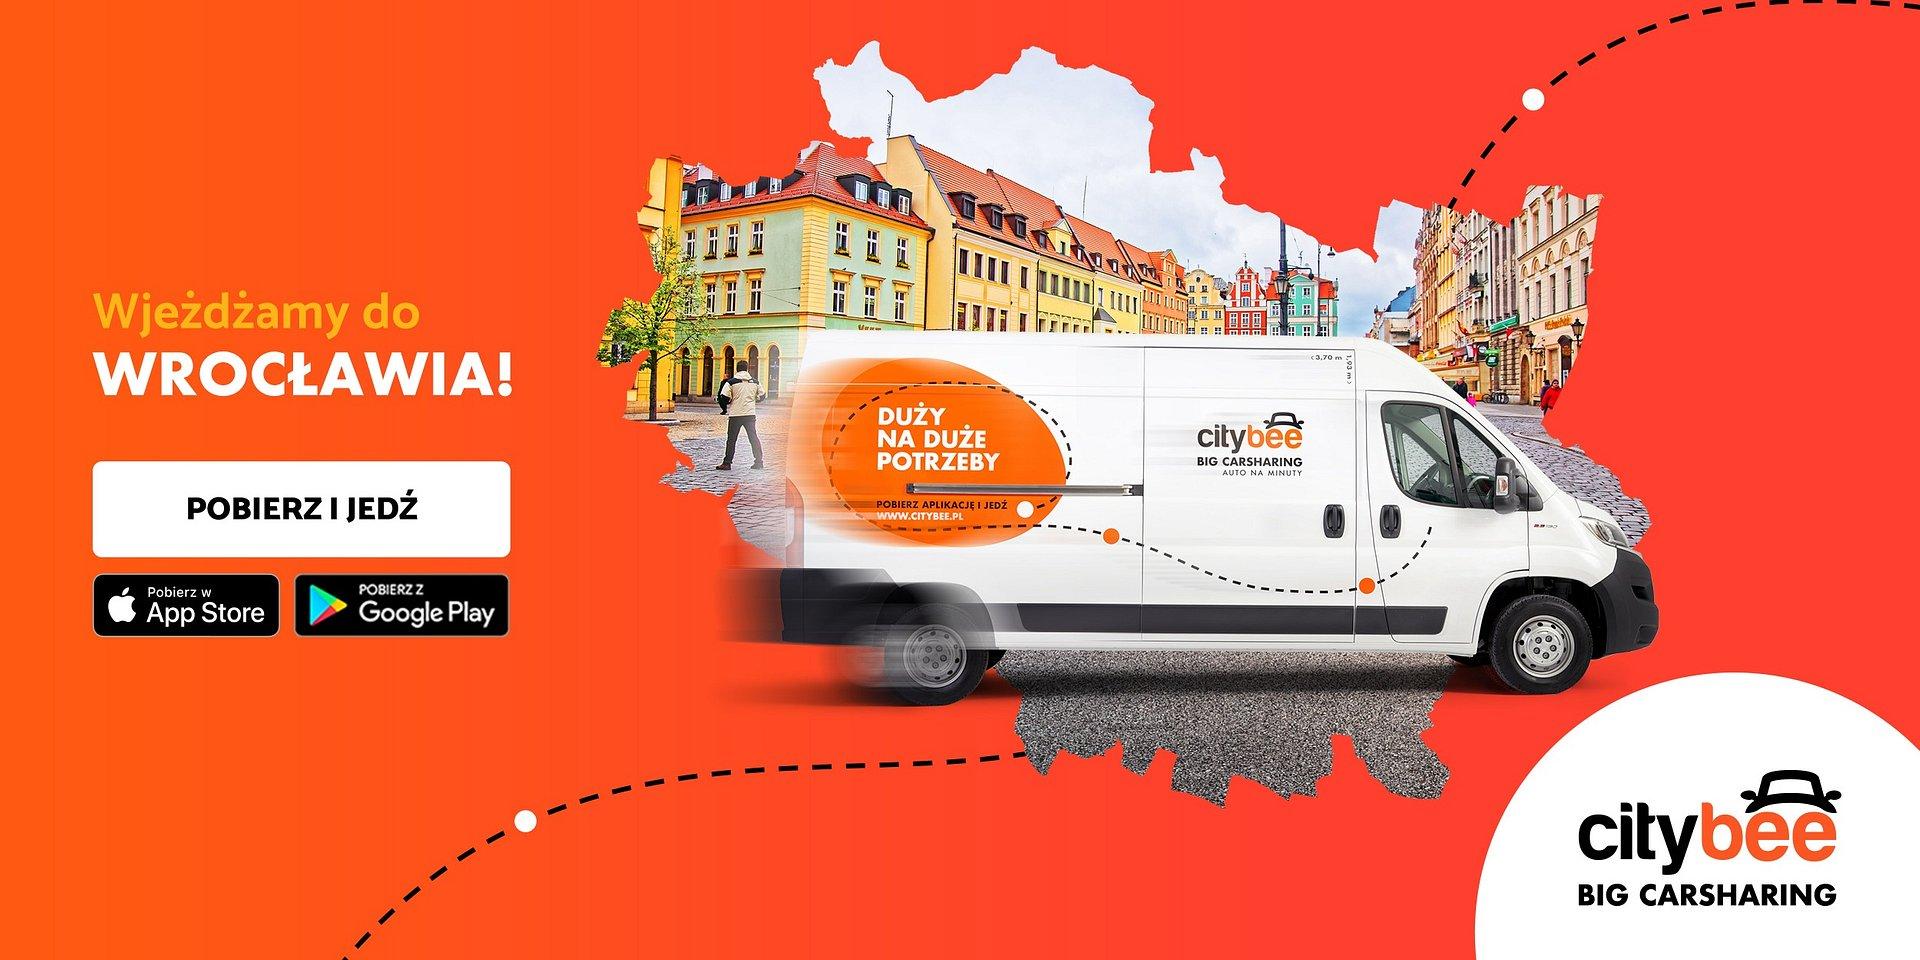 CityBee dostępne we Wrocławiu! Startuje wynajem dostawczaków na minuty